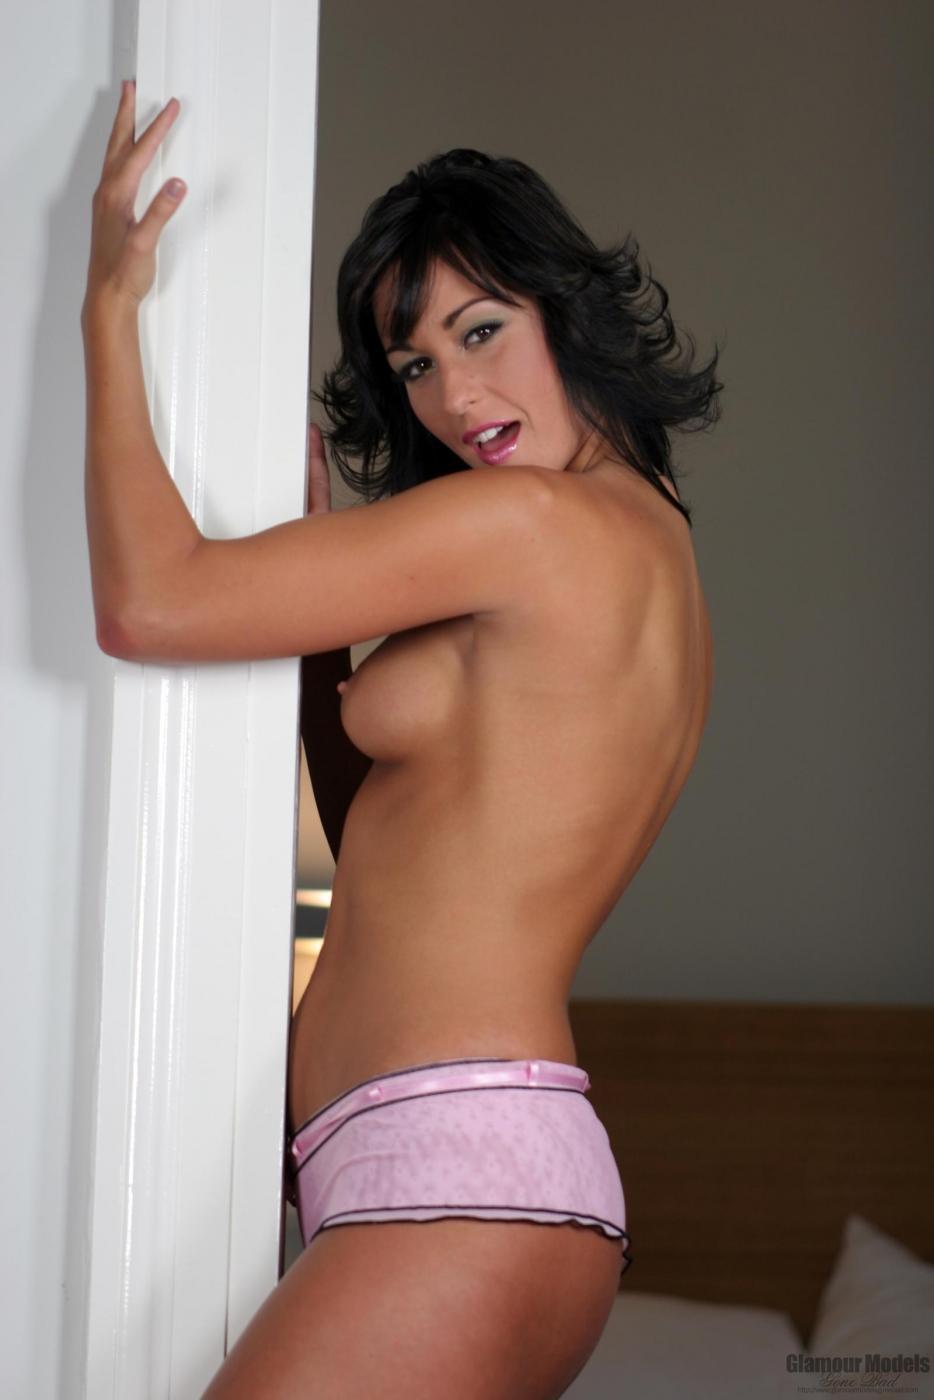 Русая порноактрисса с маленькими сиськами Simone Peach снимает свое розовое нижнее белье и играется с самотыком